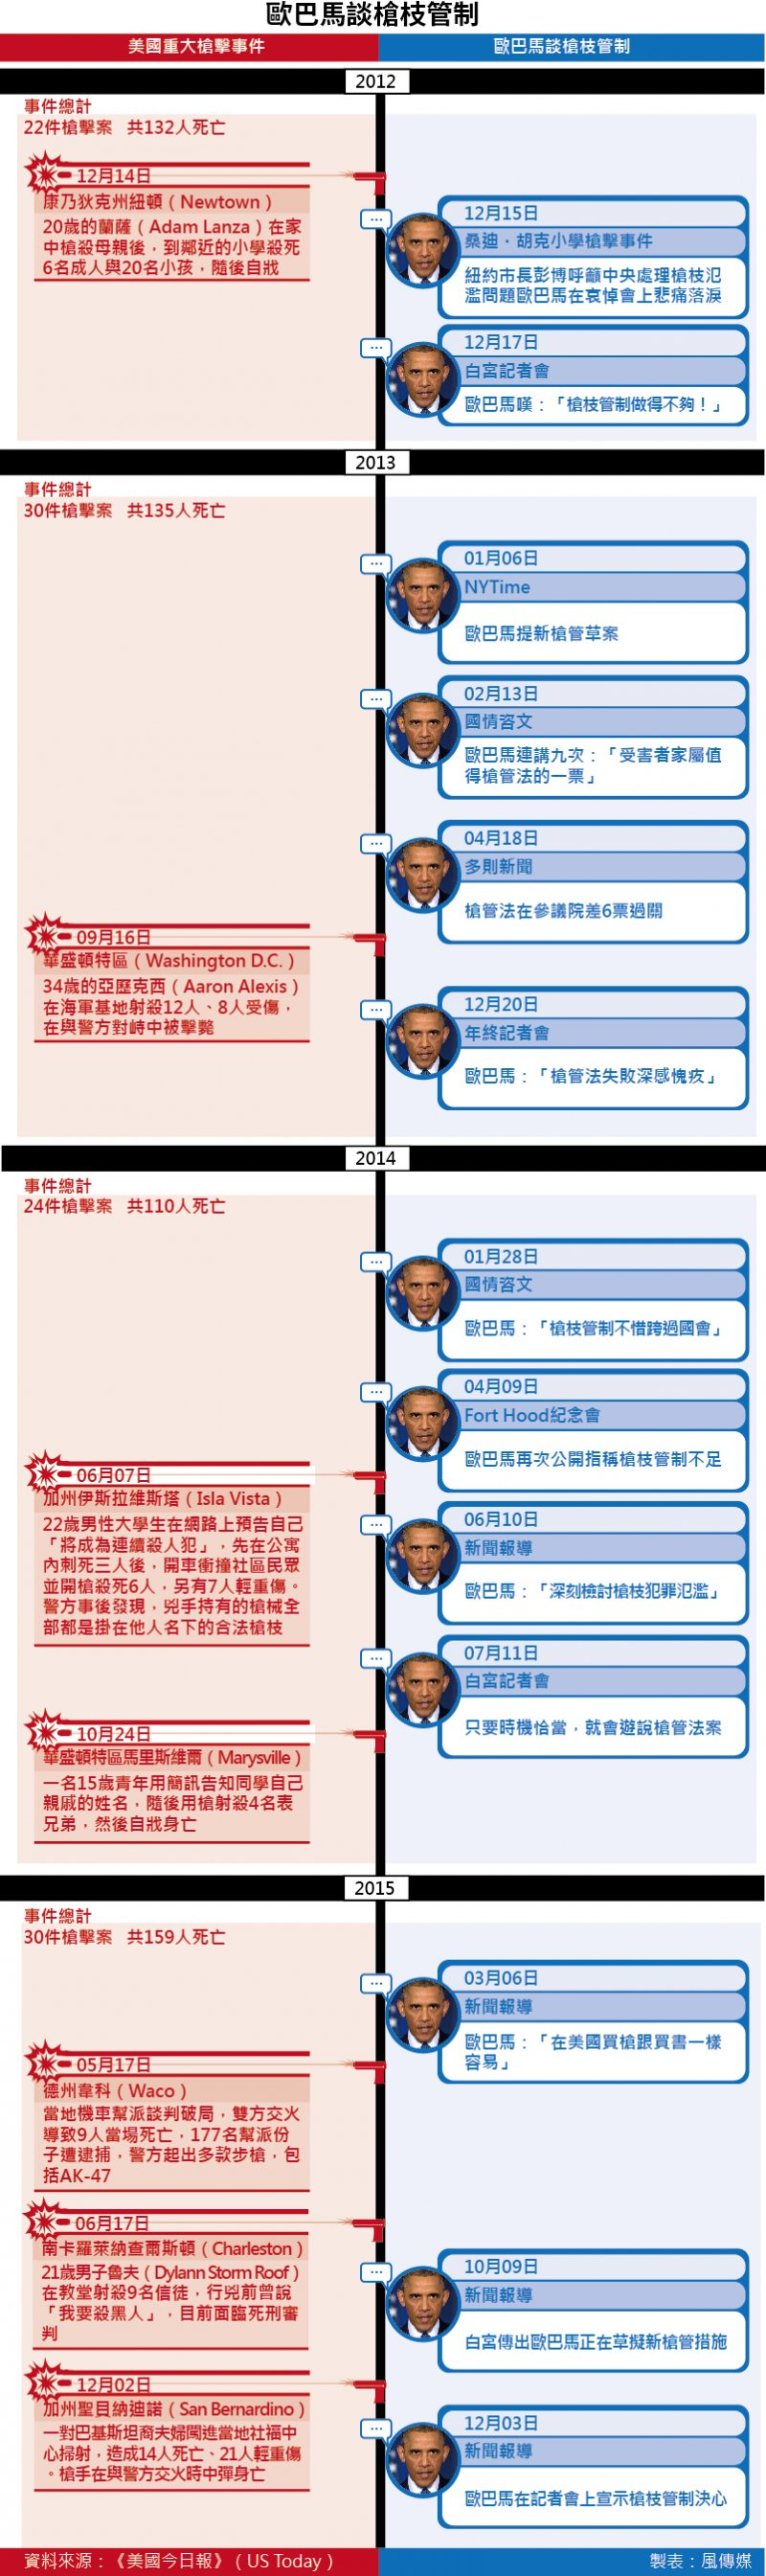 歐巴馬談槍枝管制&美國歷年槍擊案。(圖:鄭力瑋,整理:劉致廷)